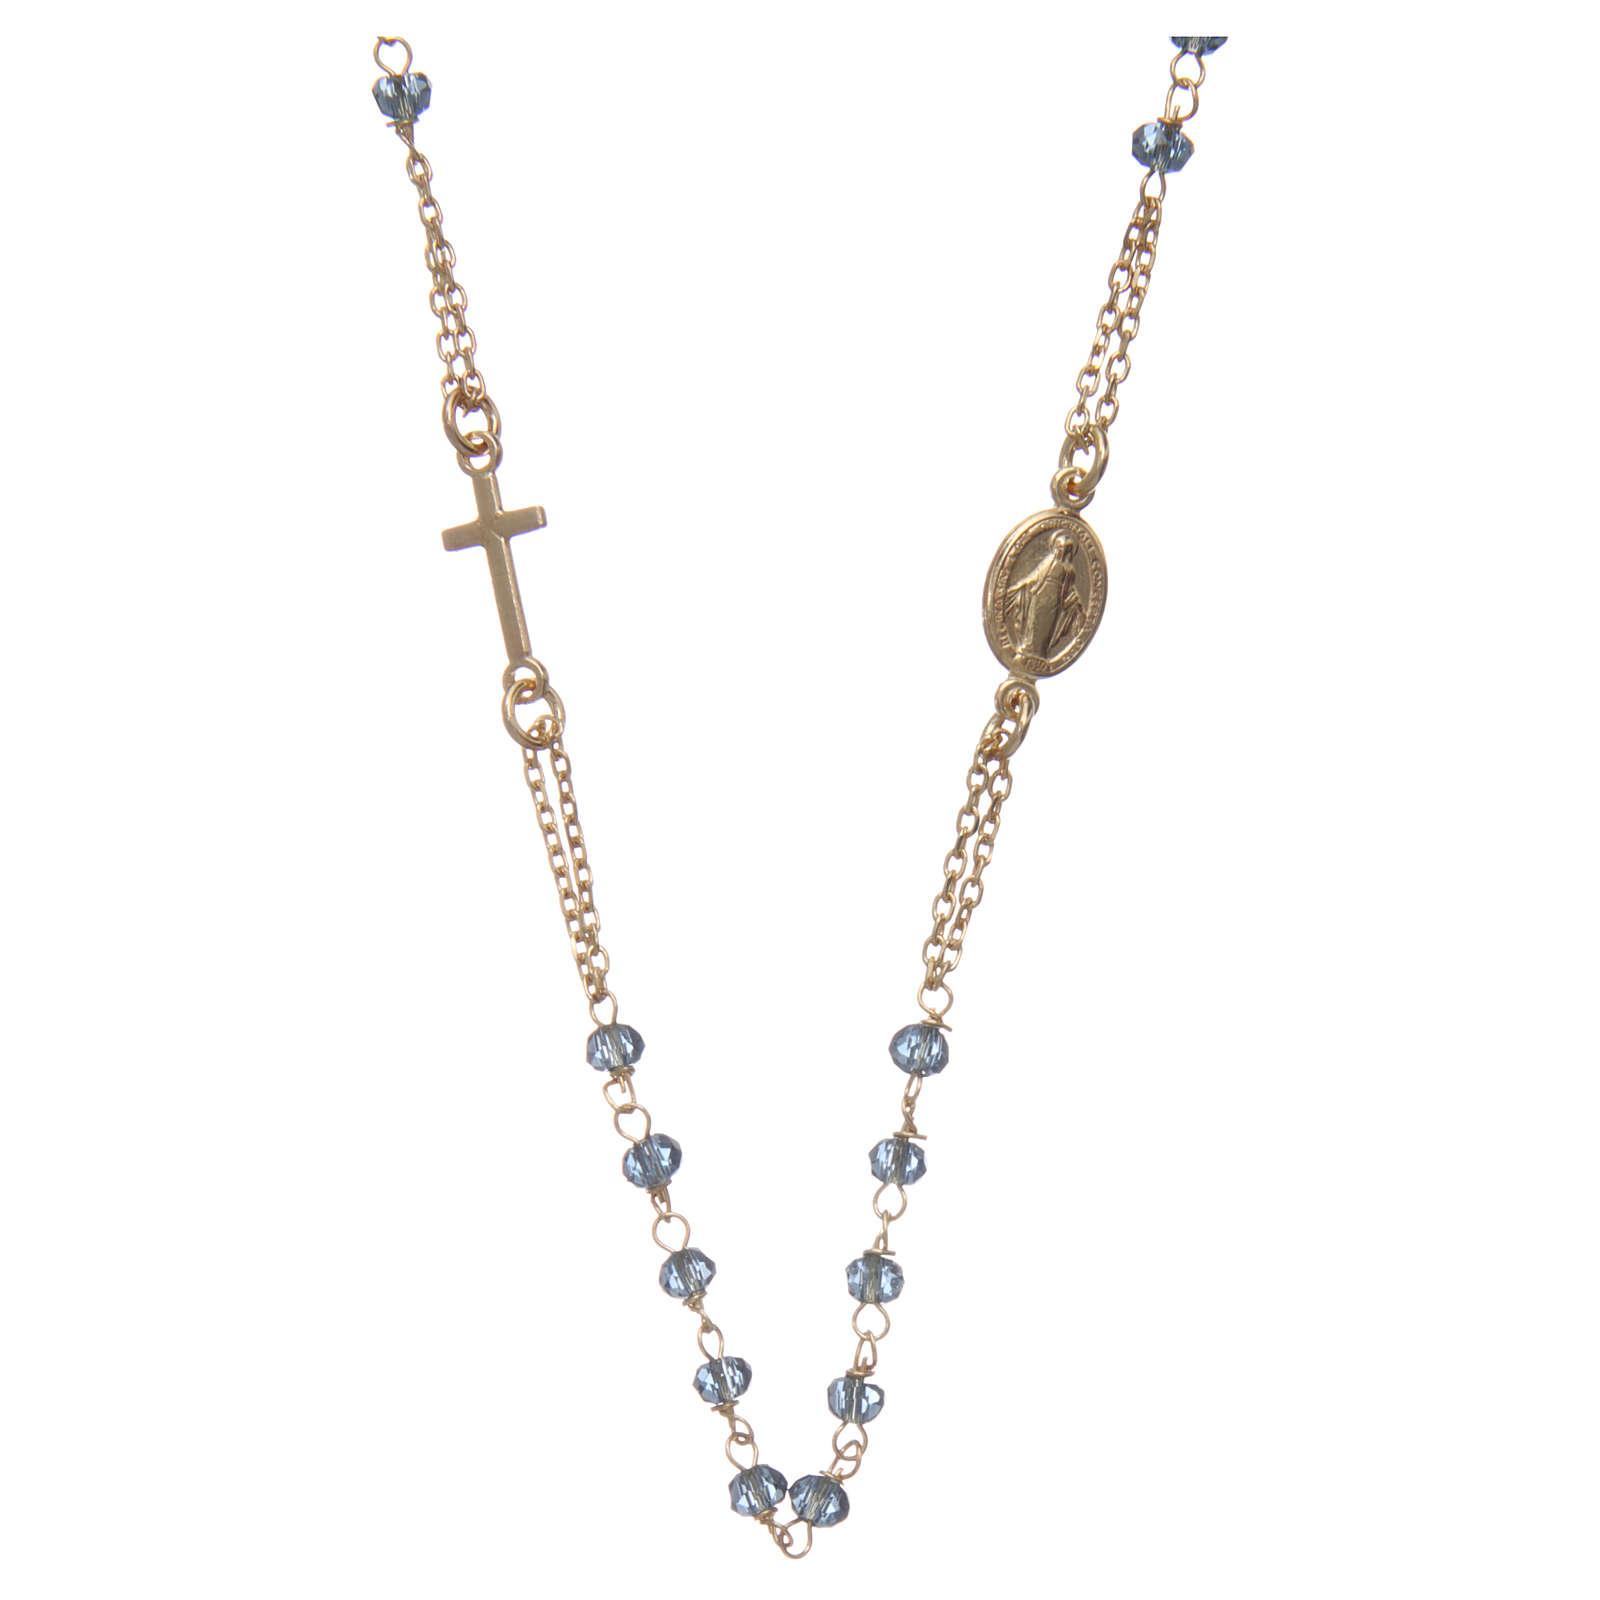 Collier chapelet tour de cou AMEN argent 925 or avec grains cristaux bleus 4